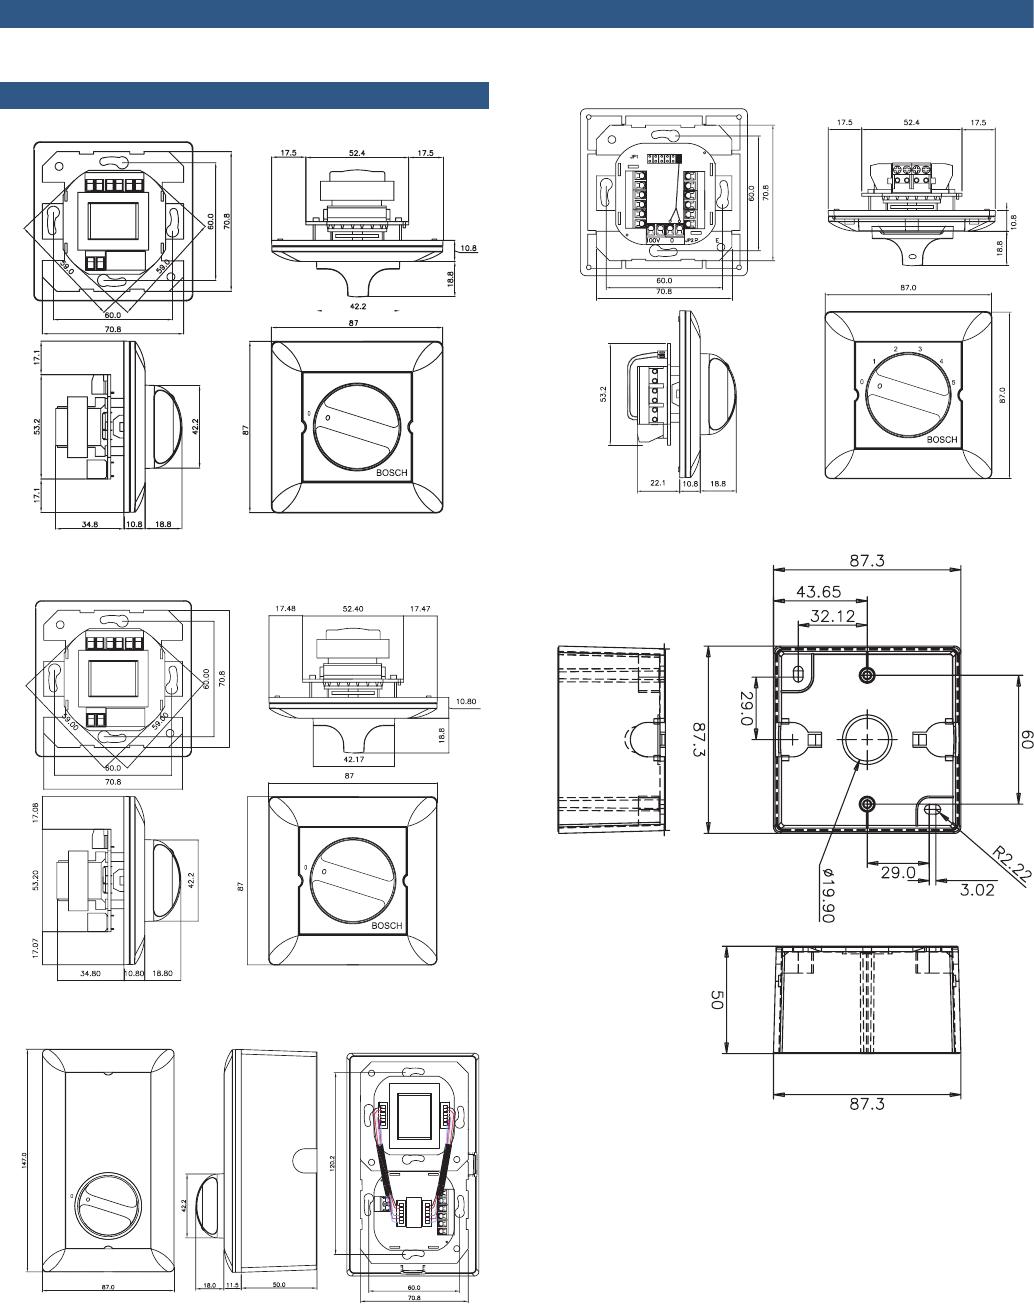 Bosch LBC 14x0/x0 MK Volumeregelaars En LBC 1430/10